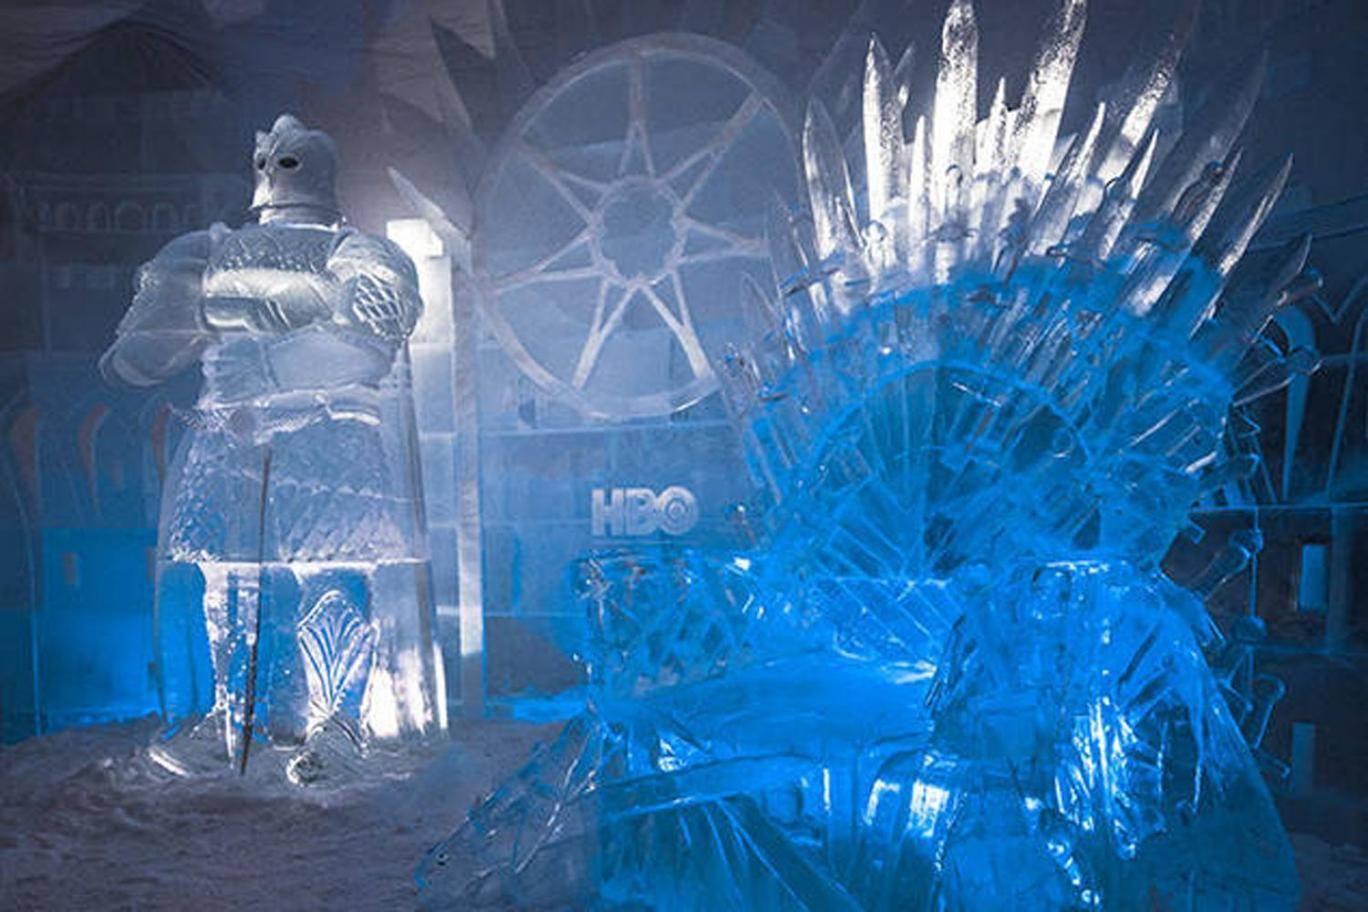 В Финляндии открылся ледяной отель в стиле «Игры престолов» 4